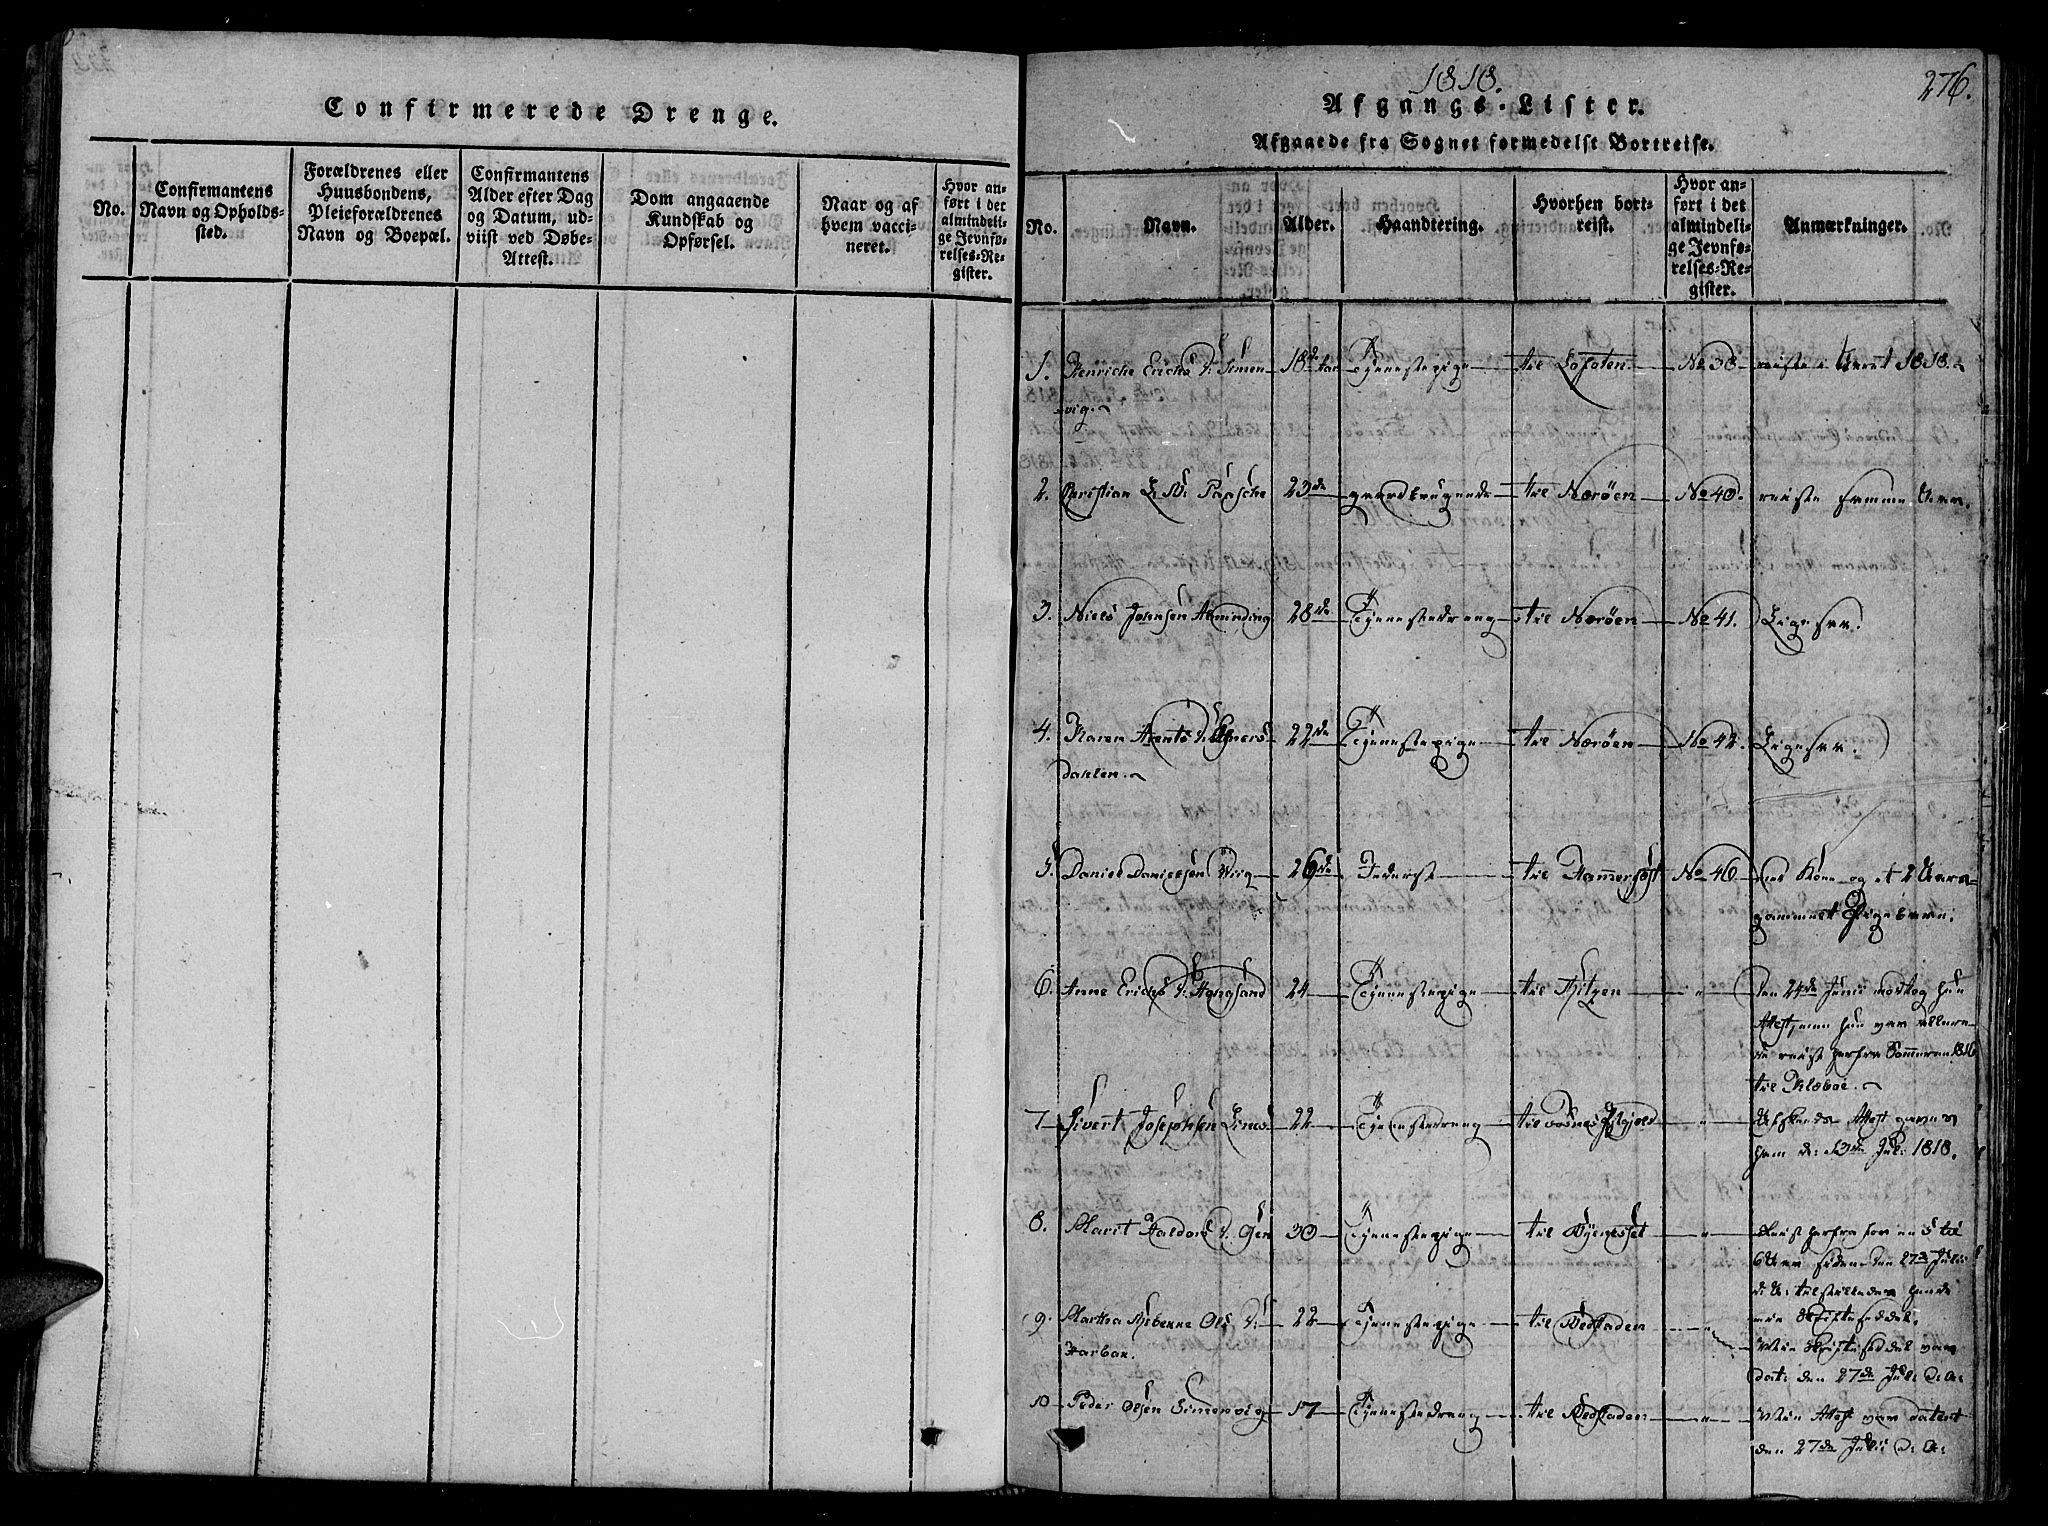 SAT, Ministerialprotokoller, klokkerbøker og fødselsregistre - Sør-Trøndelag, 657/L0702: Ministerialbok nr. 657A03, 1818-1831, s. 276